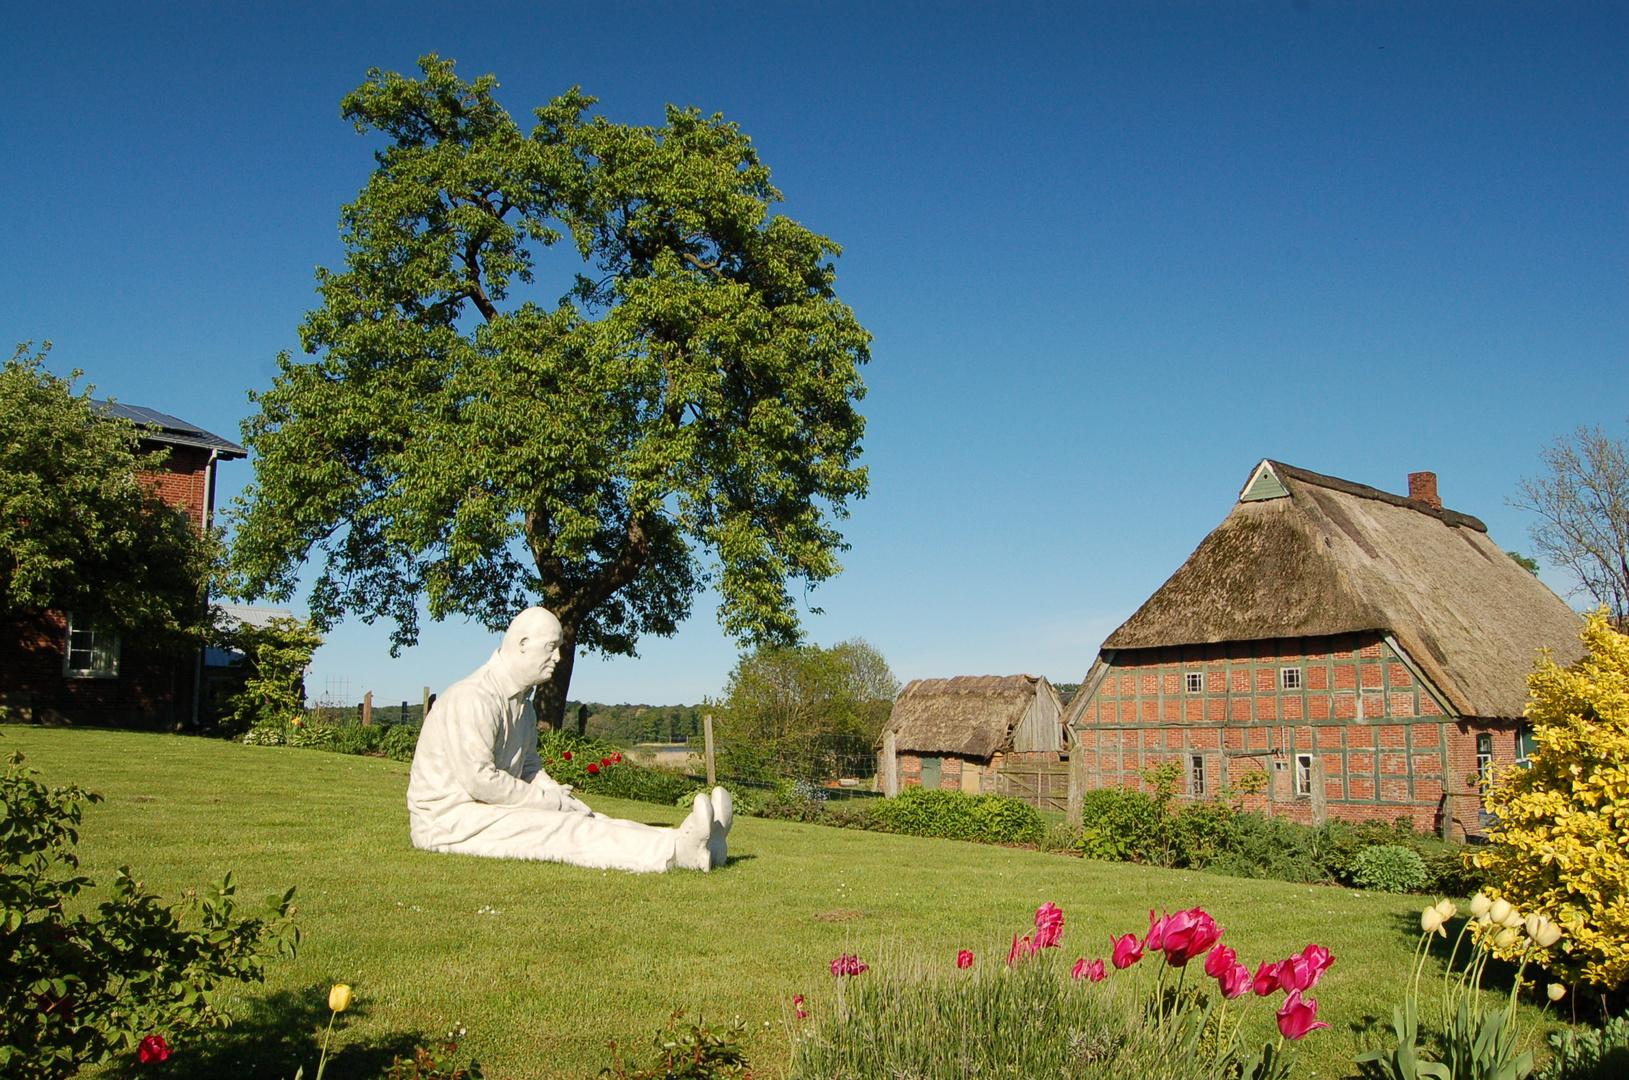 20. Skulpturenausstellung in Bissee